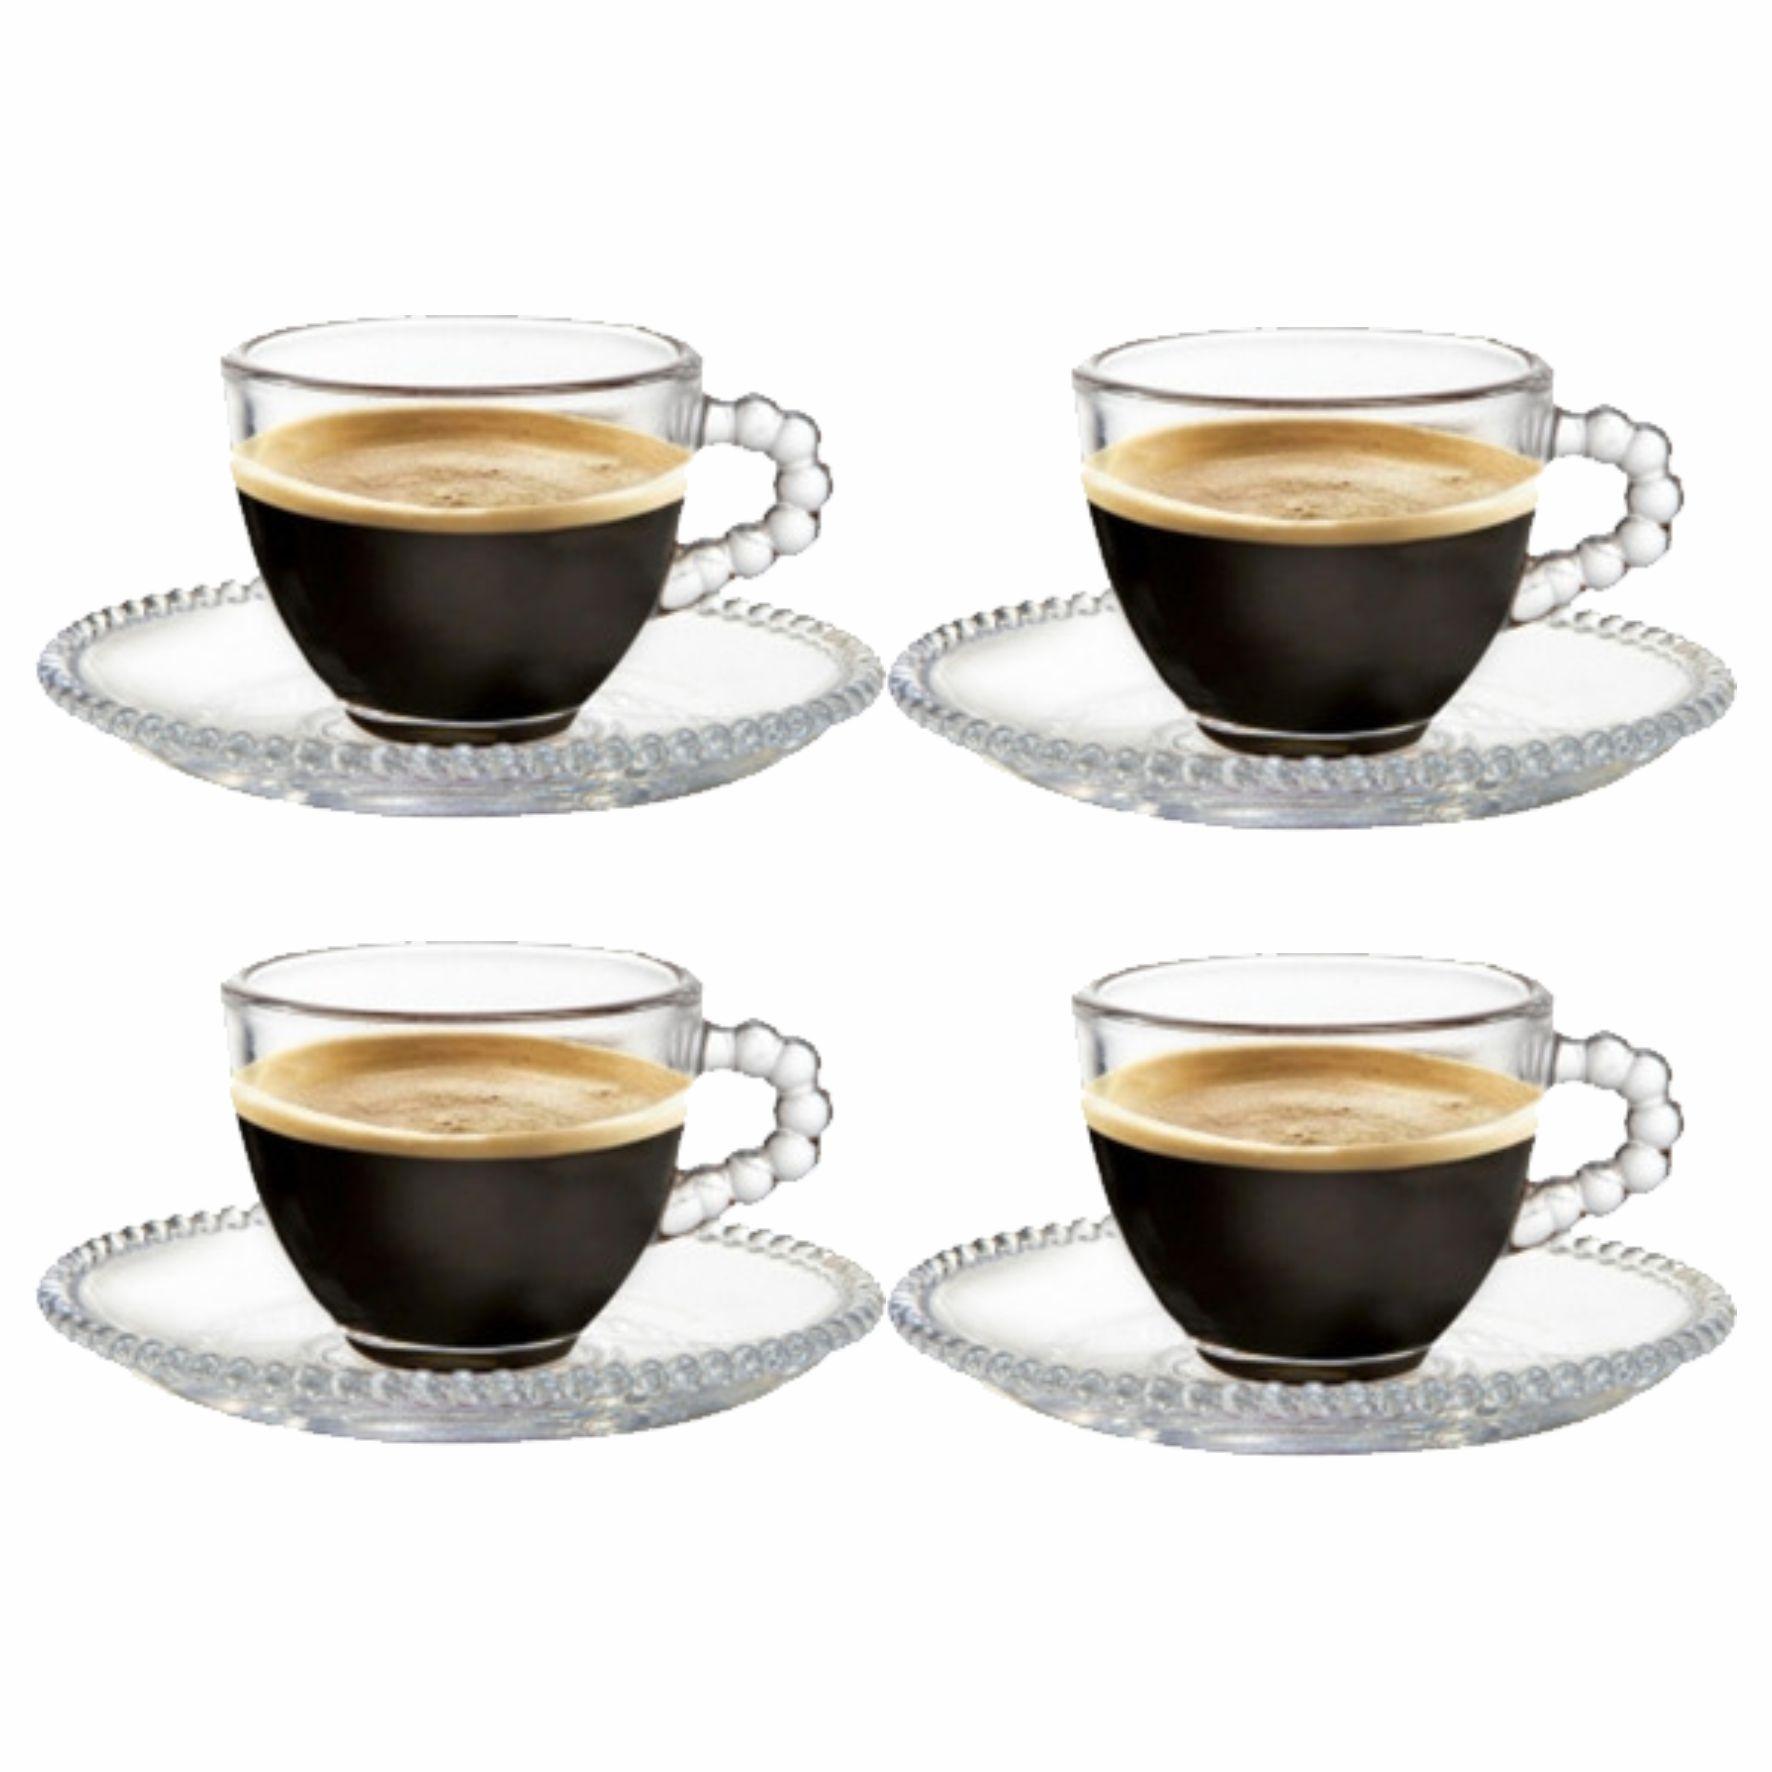 Kit 4 Xícaras Bolinha com Pires 100ml Cristal para Café